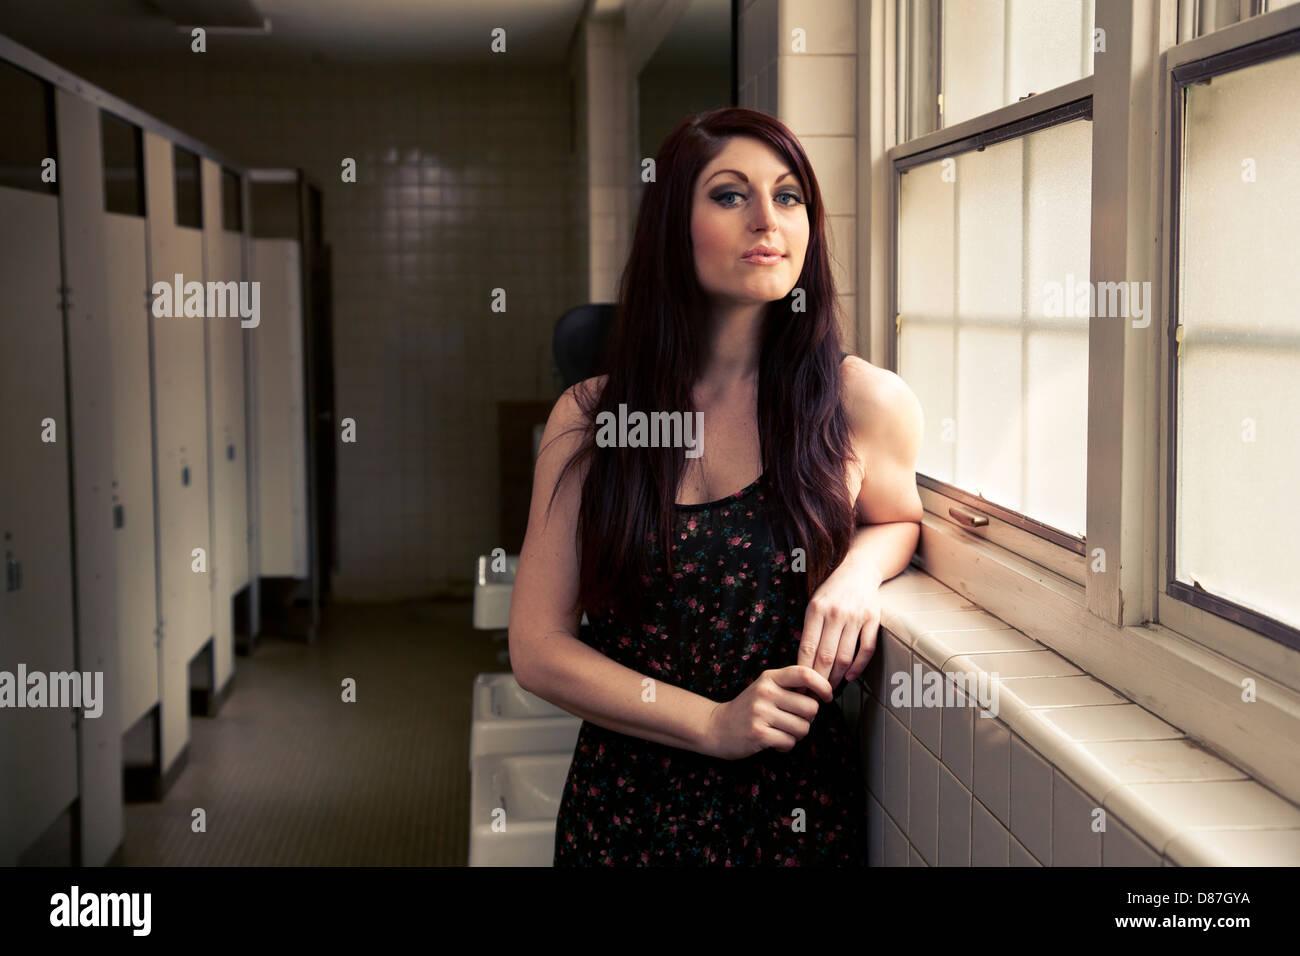 Mujer de pie junto a la ventana en el cuarto de baño público Imagen De Stock